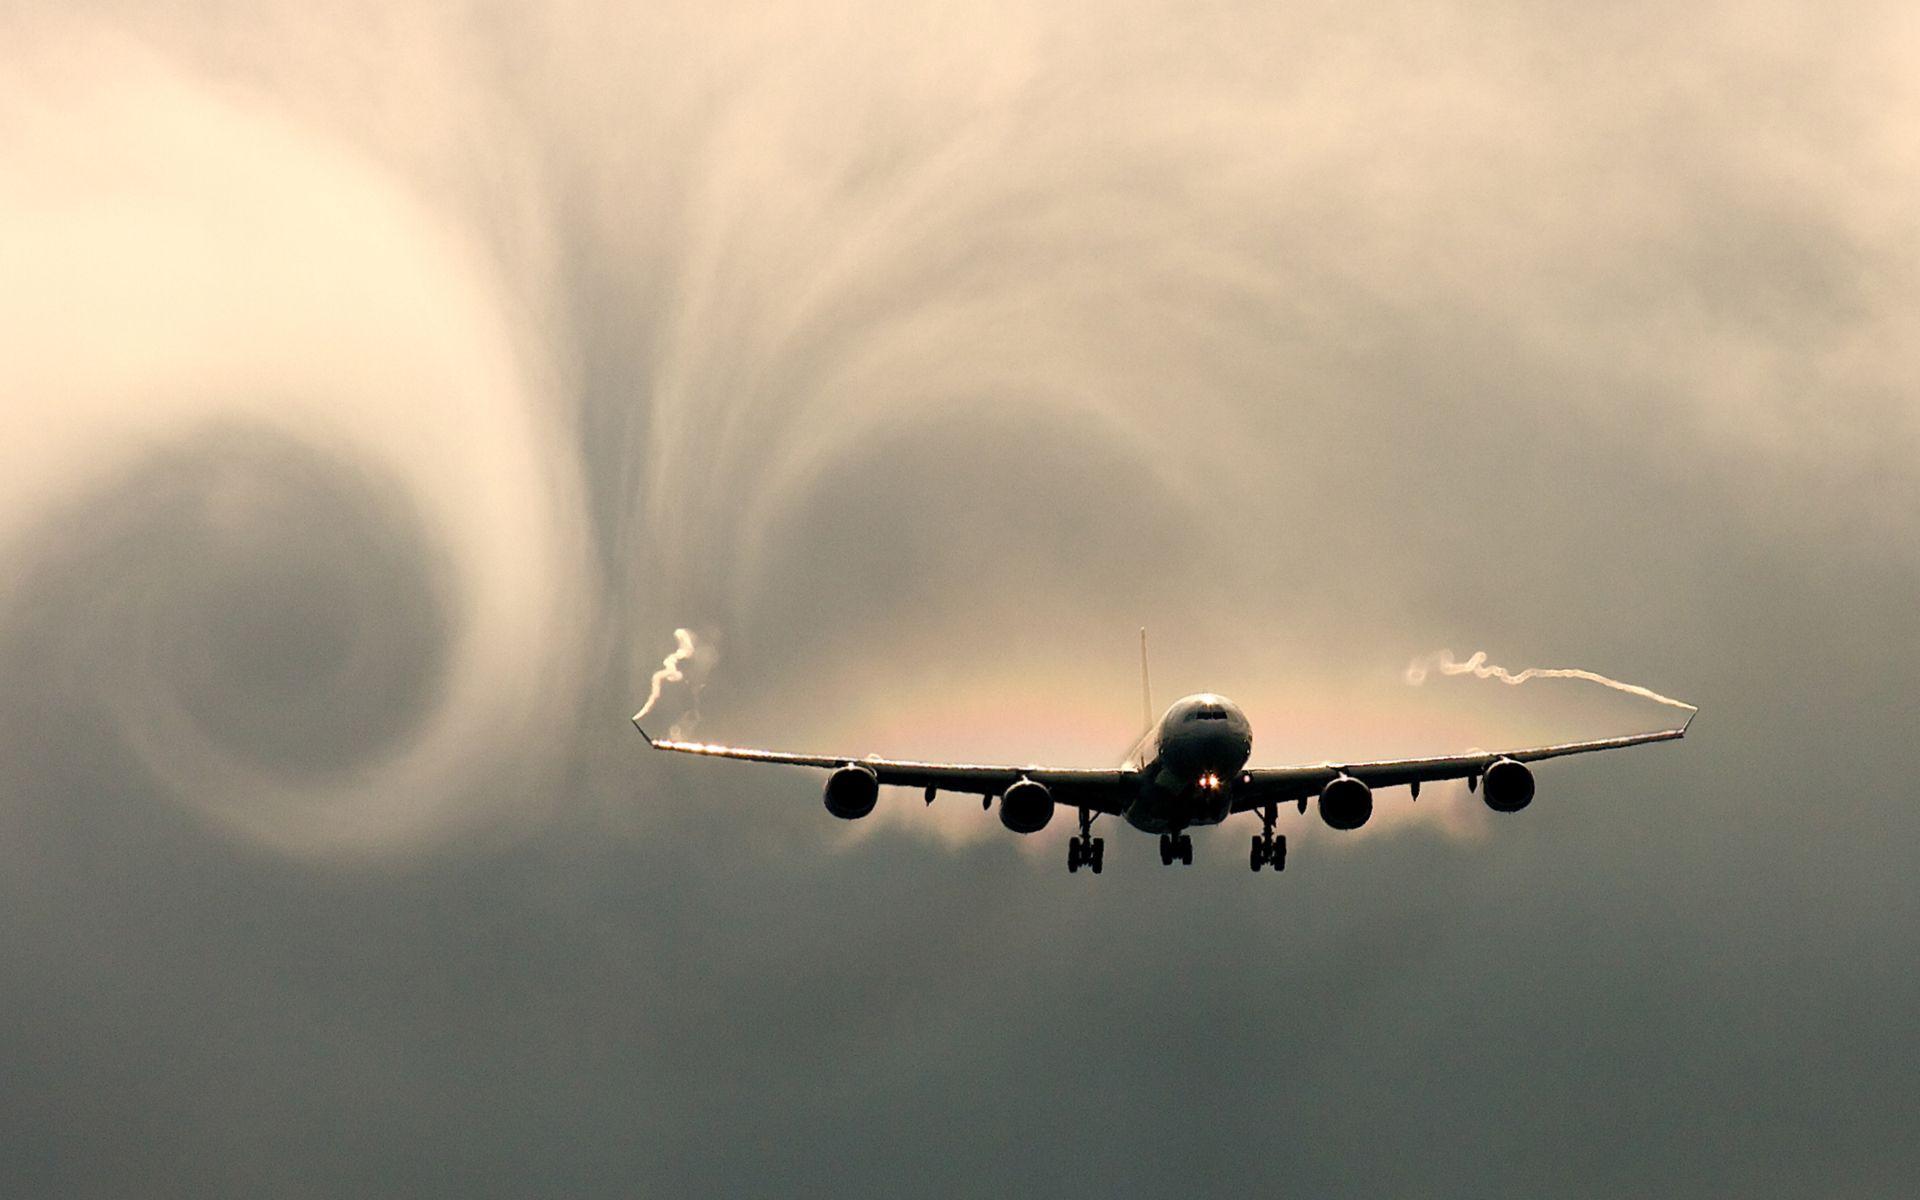 fond d'ecran avion